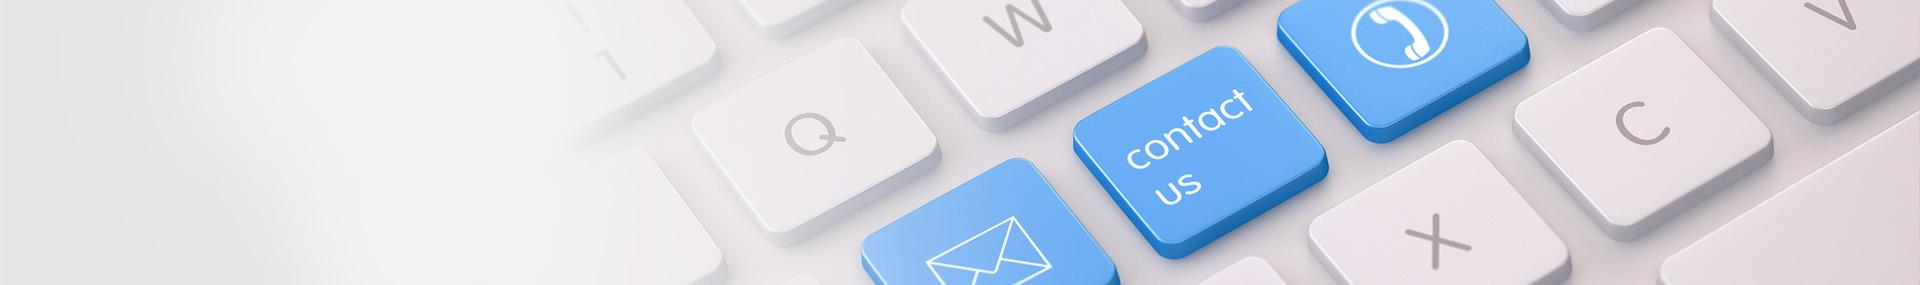 przyciski kontaktowe na klawiaturze